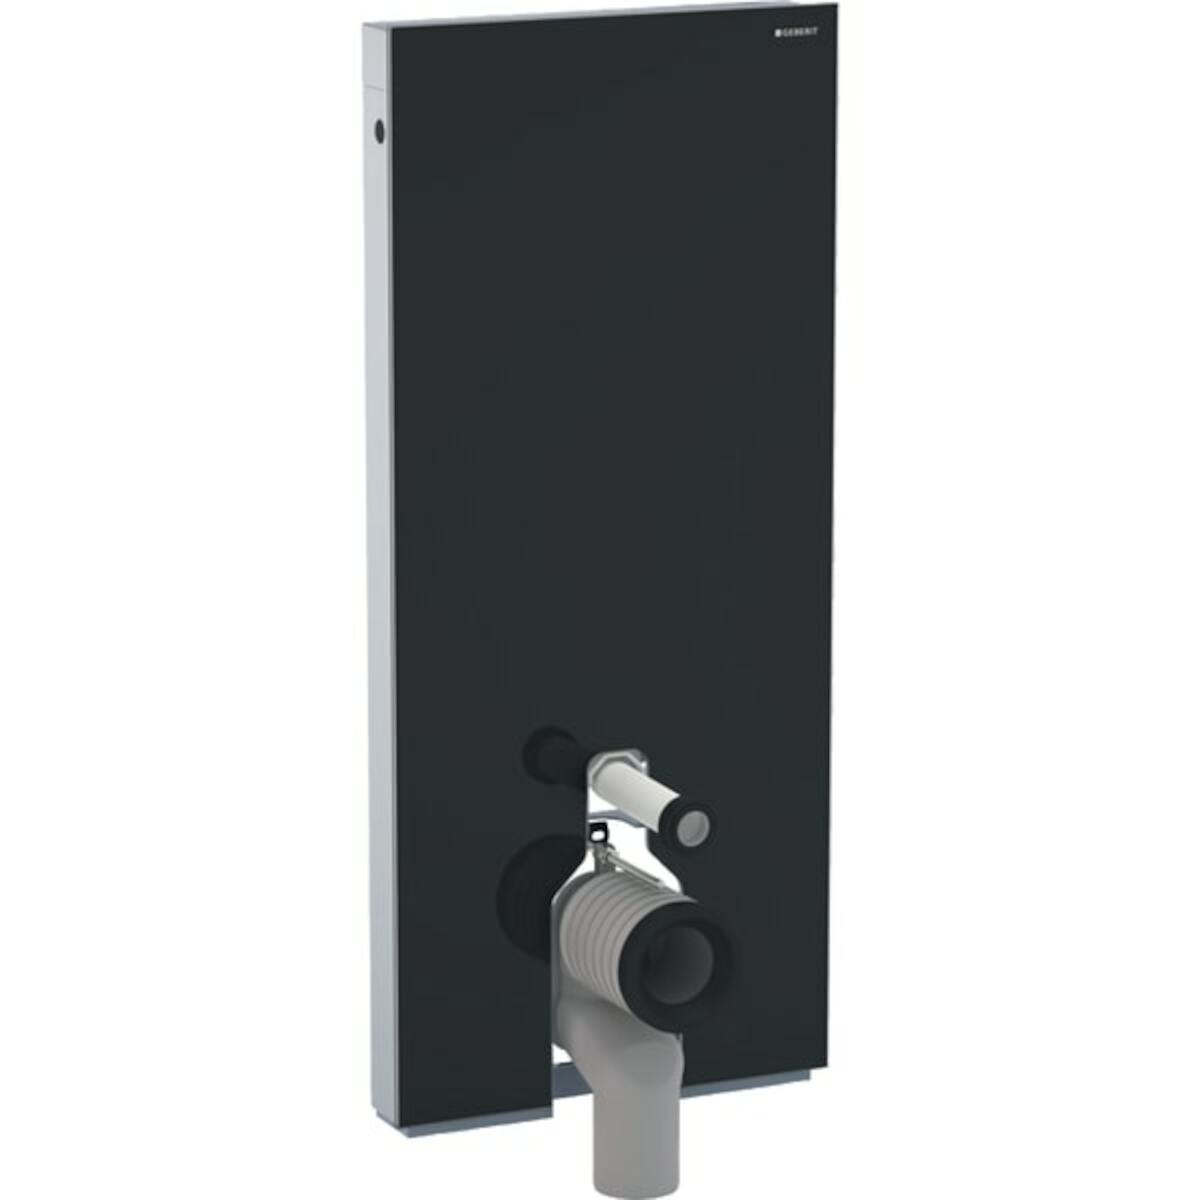 Sanitární modul Geberit Monolith pro stojící WC, 114 cm 131.033.SJ.5 - Geberit Monolith Sanitární mo